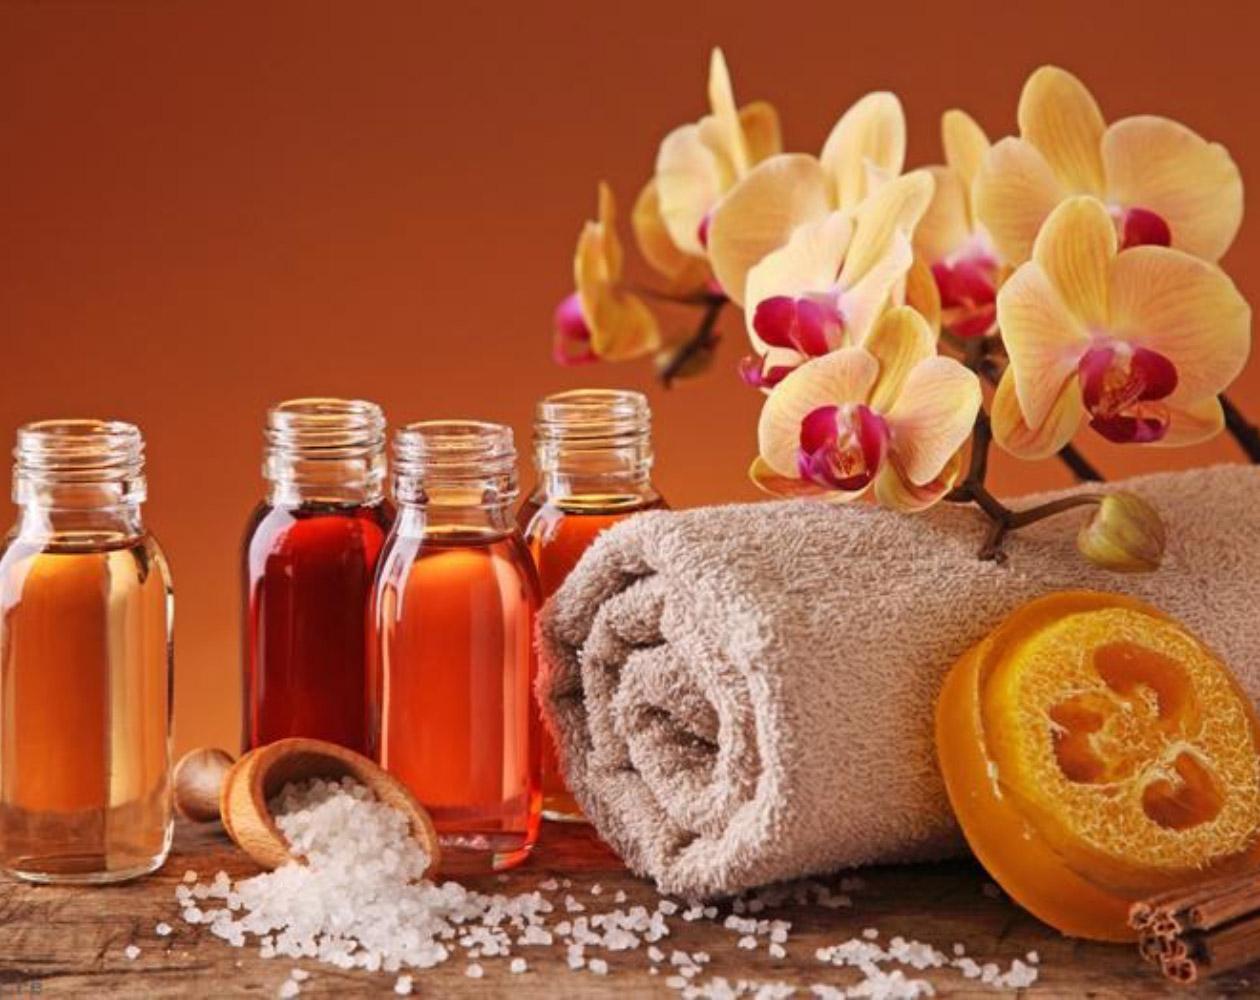 Aromatiser votre linge avec les huiles essentielles